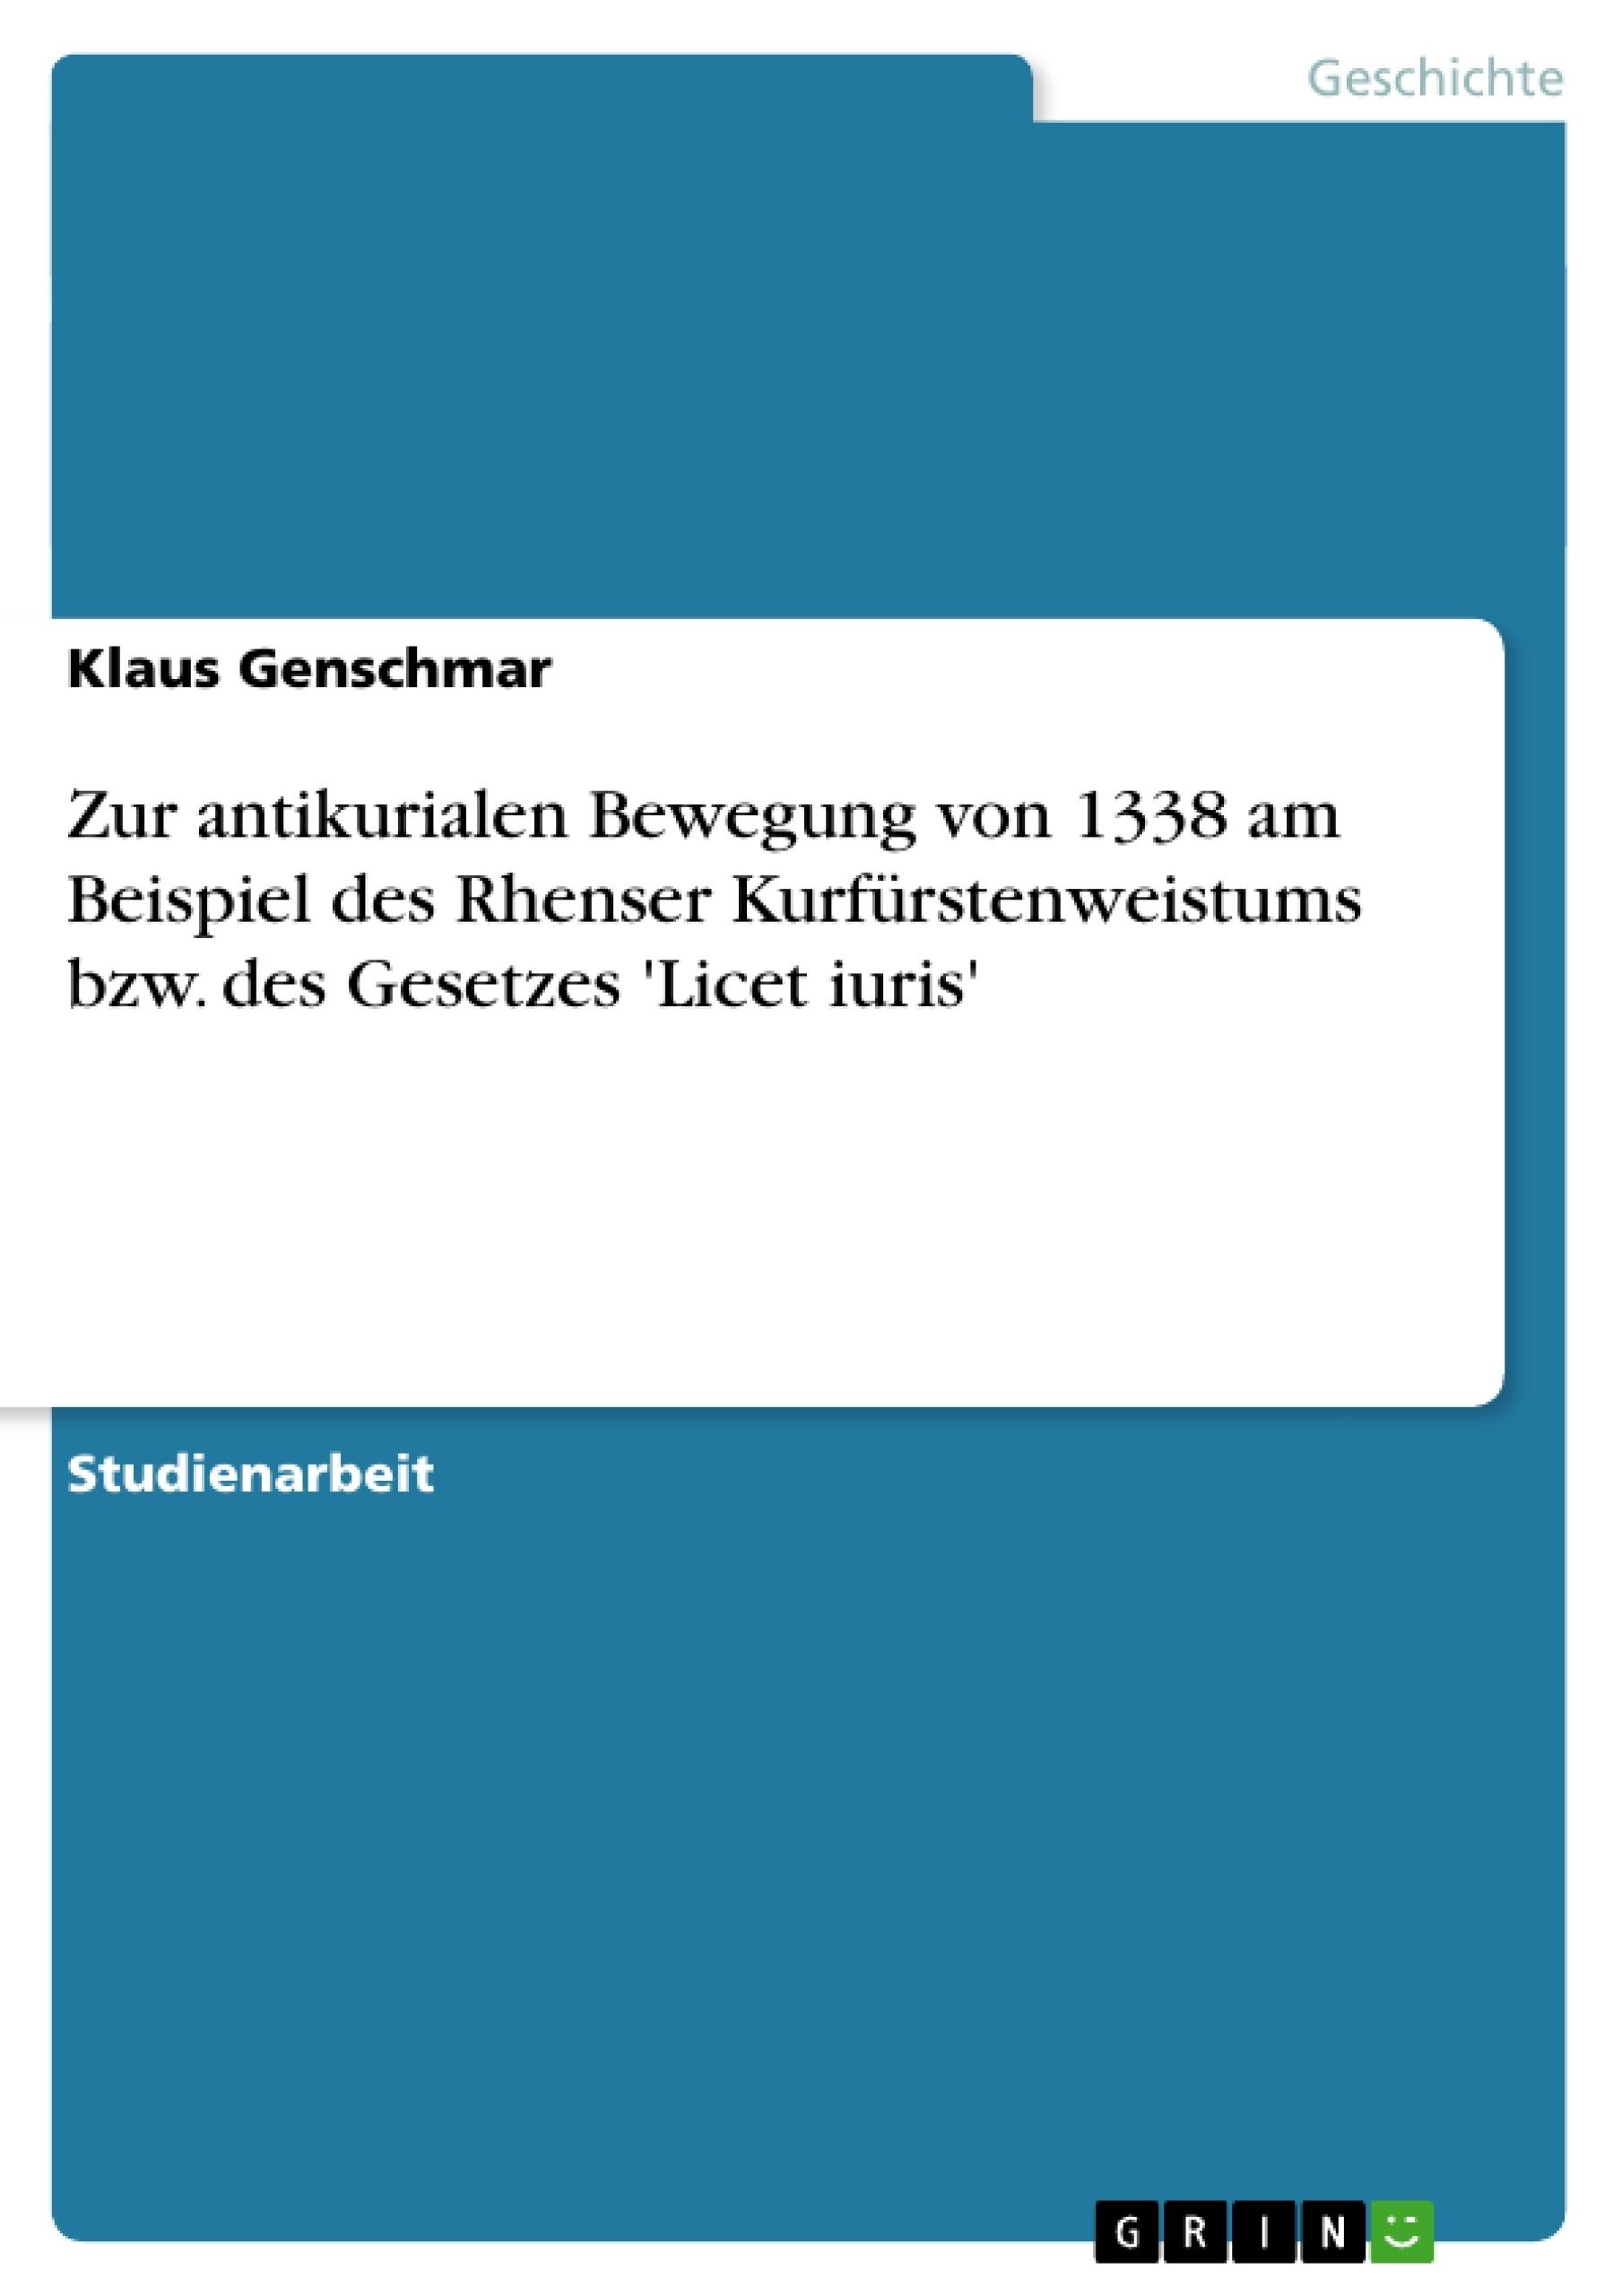 Titel: Zur antikurialen Bewegung von 1338 am Beispiel des Rhenser Kurfürstenweistums bzw. des Gesetzes 'Licet iuris'